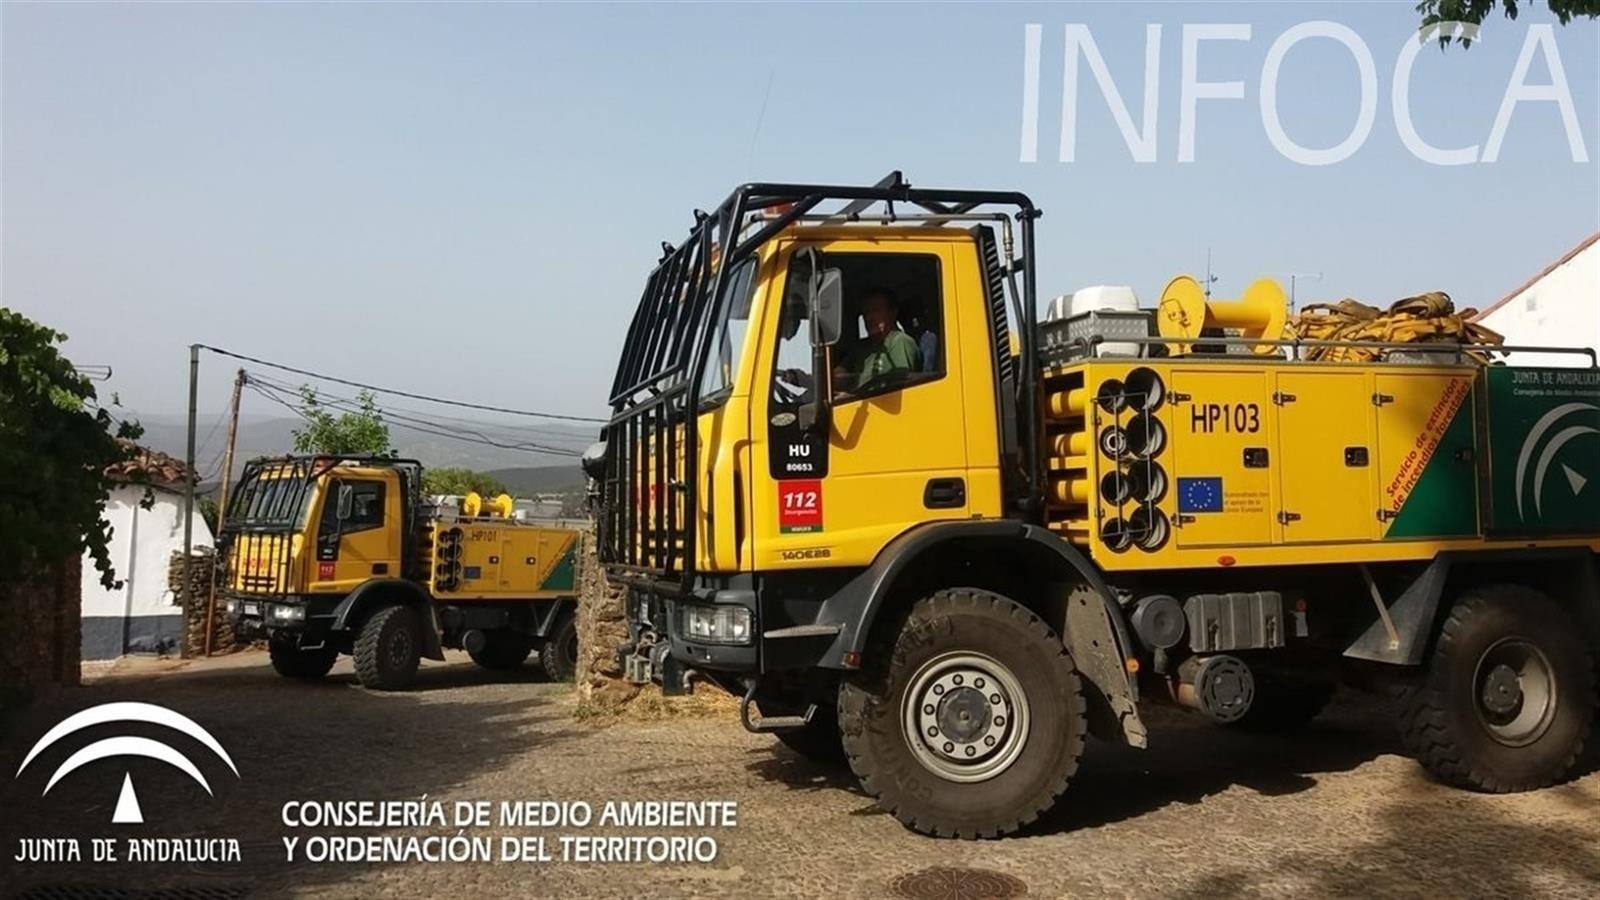 Extinguido el incendio forestal de El Pinar tras afectar a cinco hectáreas de matorral